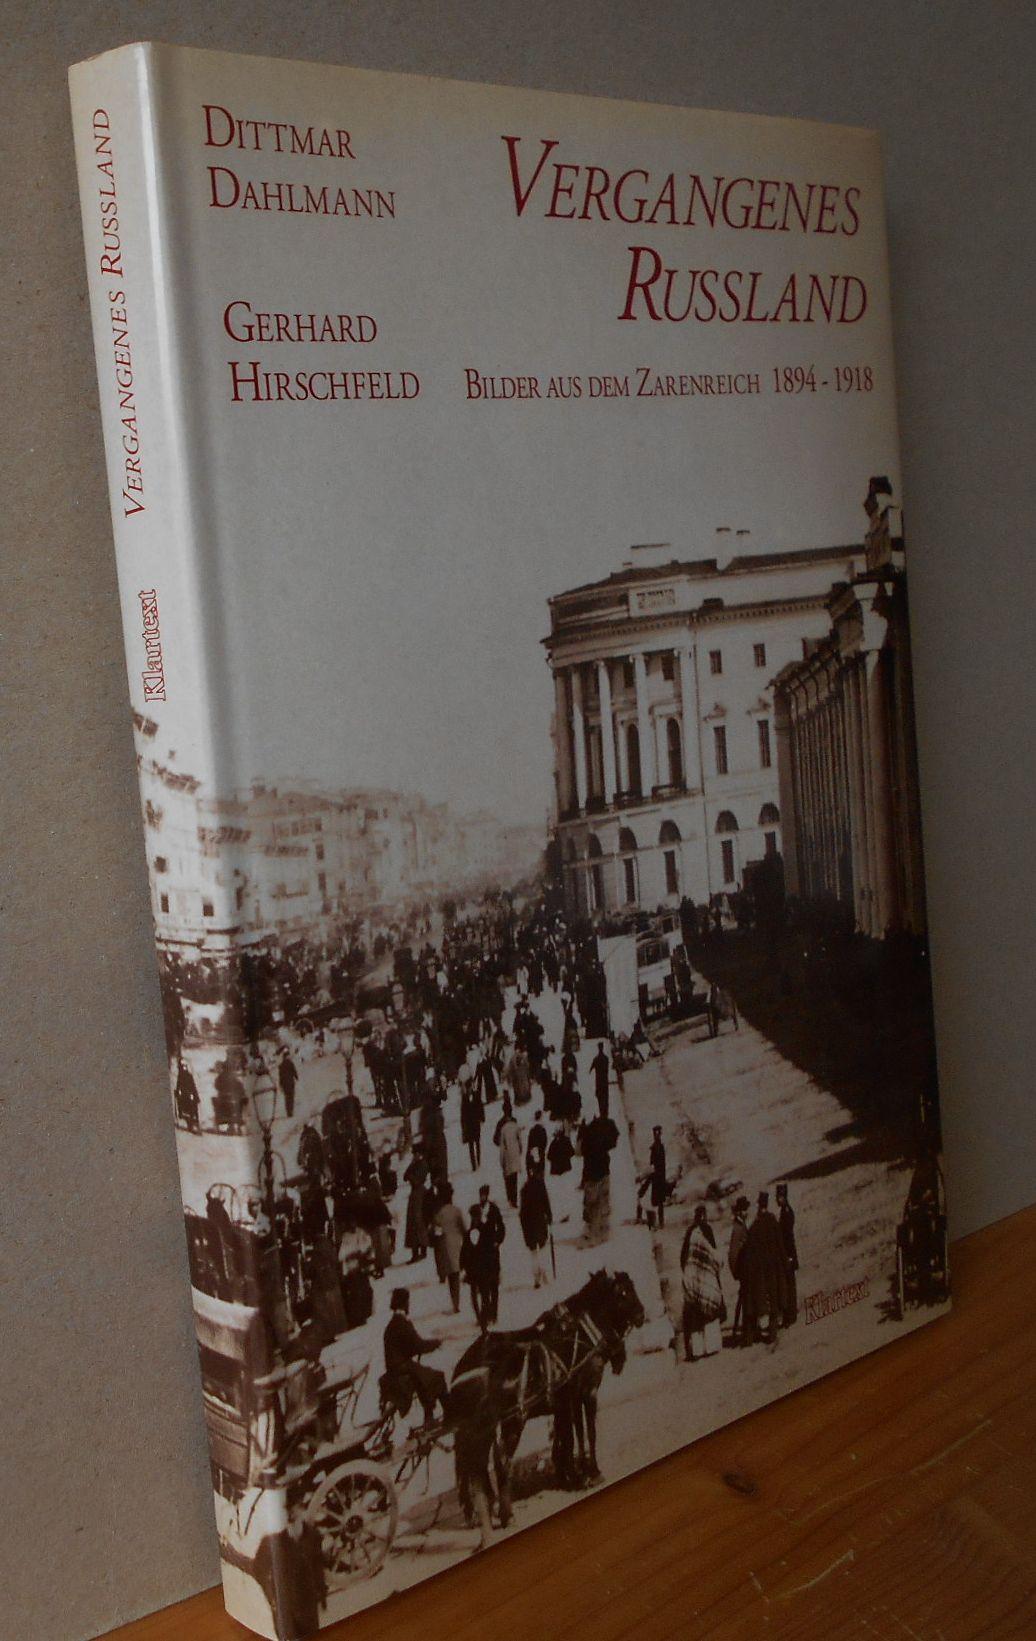 Vergangenes Russland : Bilder aus dem alten Zarenreich 1894 - 1918. Dittmar Dahlmann und Gerhard Hirschfeld 1. Aufl.